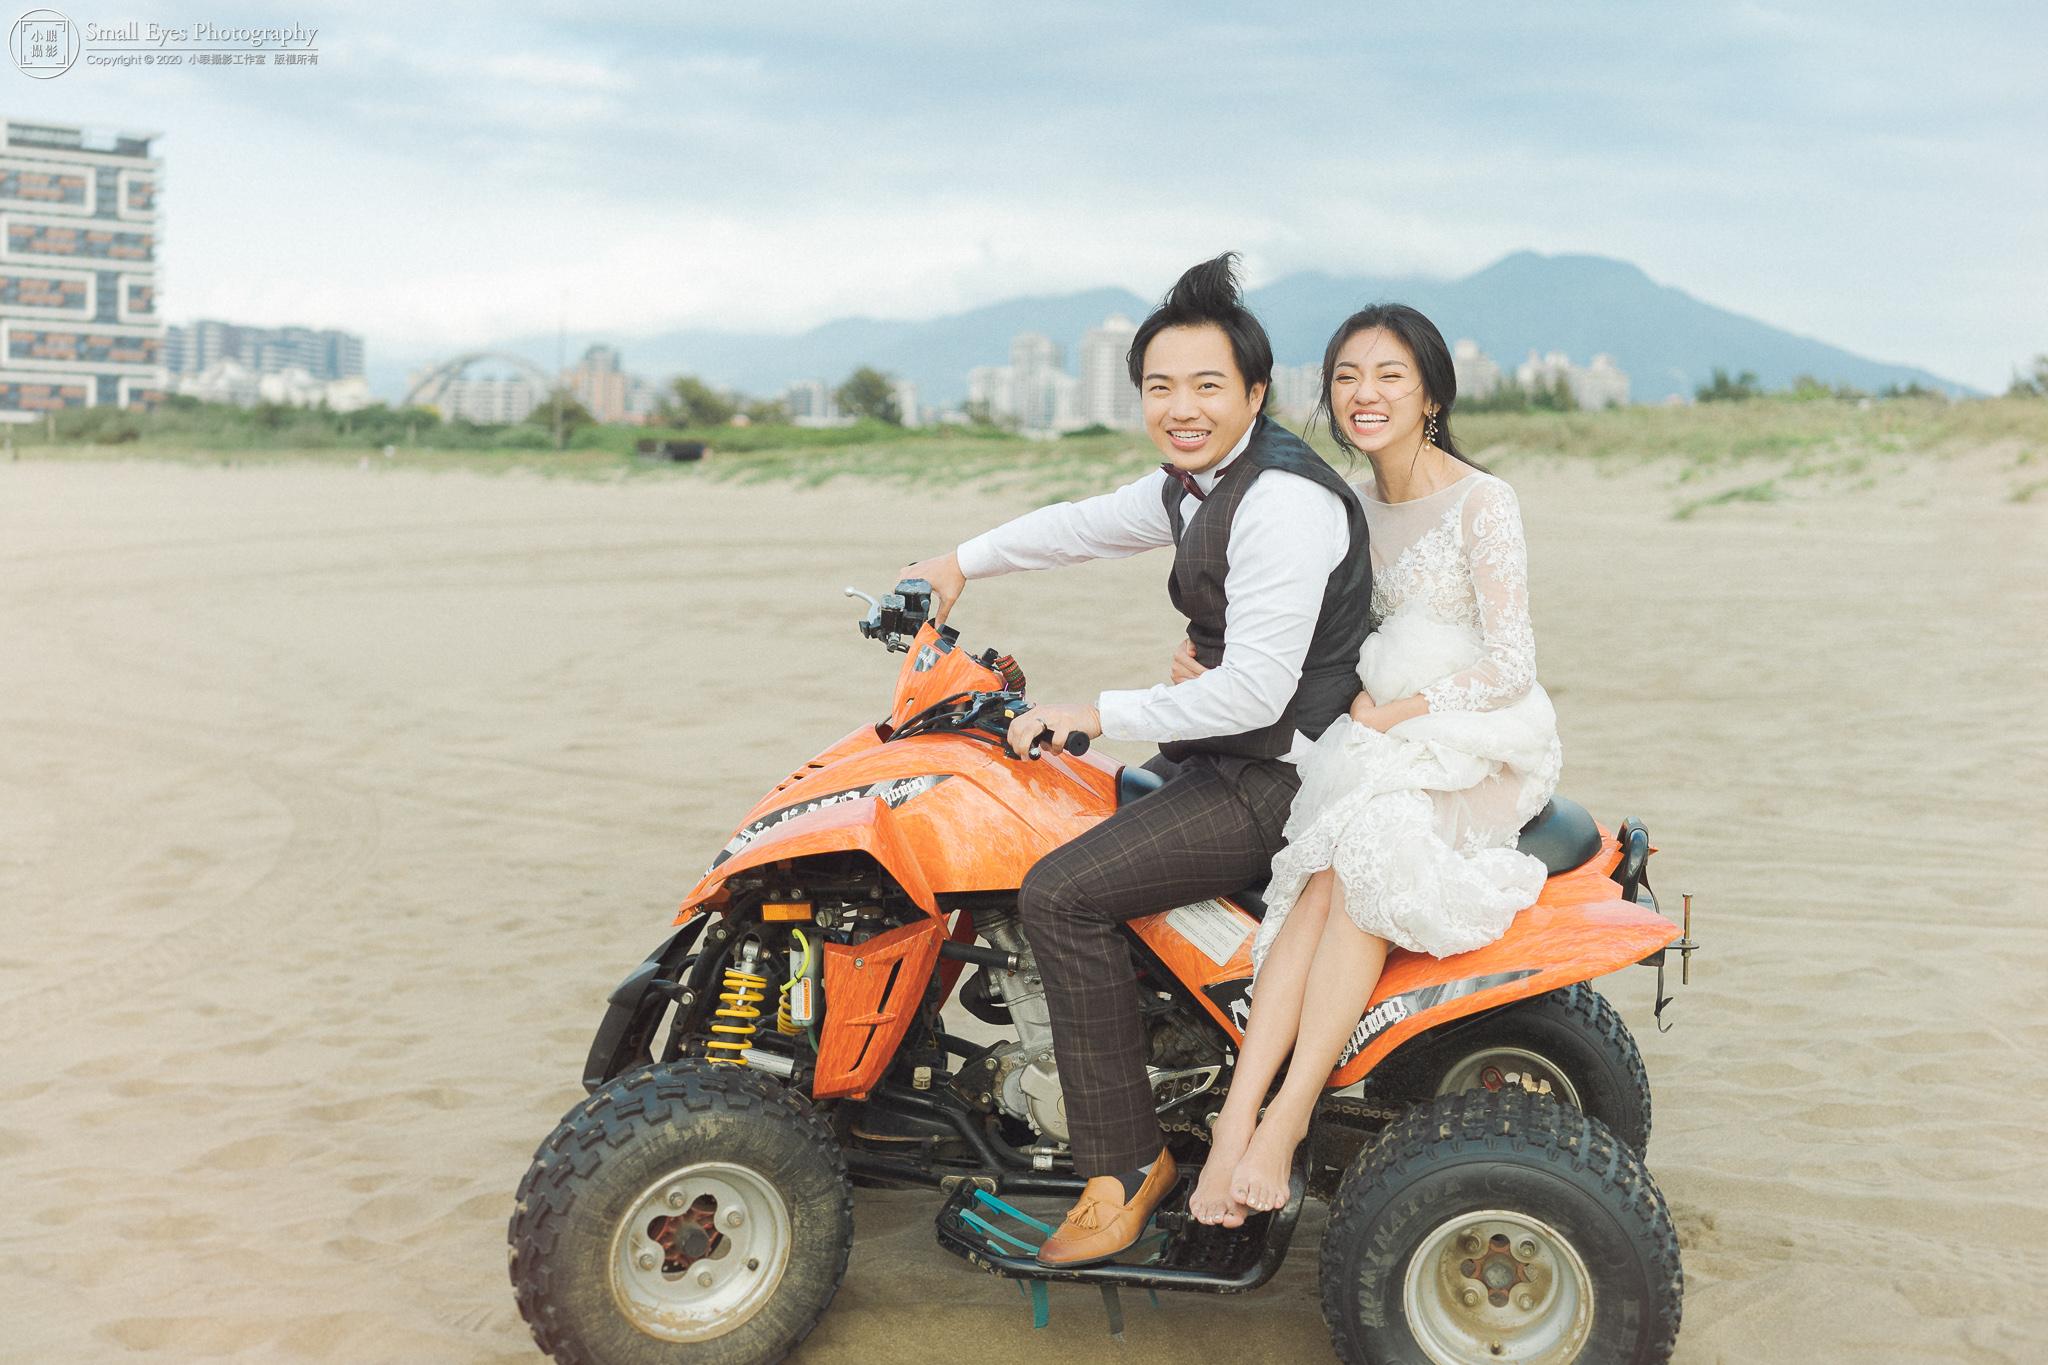 小眼攝影,婚紗攝影,婚攝,吉兒婚紗,新秘瓜瓜,自助婚紗,自主婚紗,台灣,台北,北海岸,沙灘車